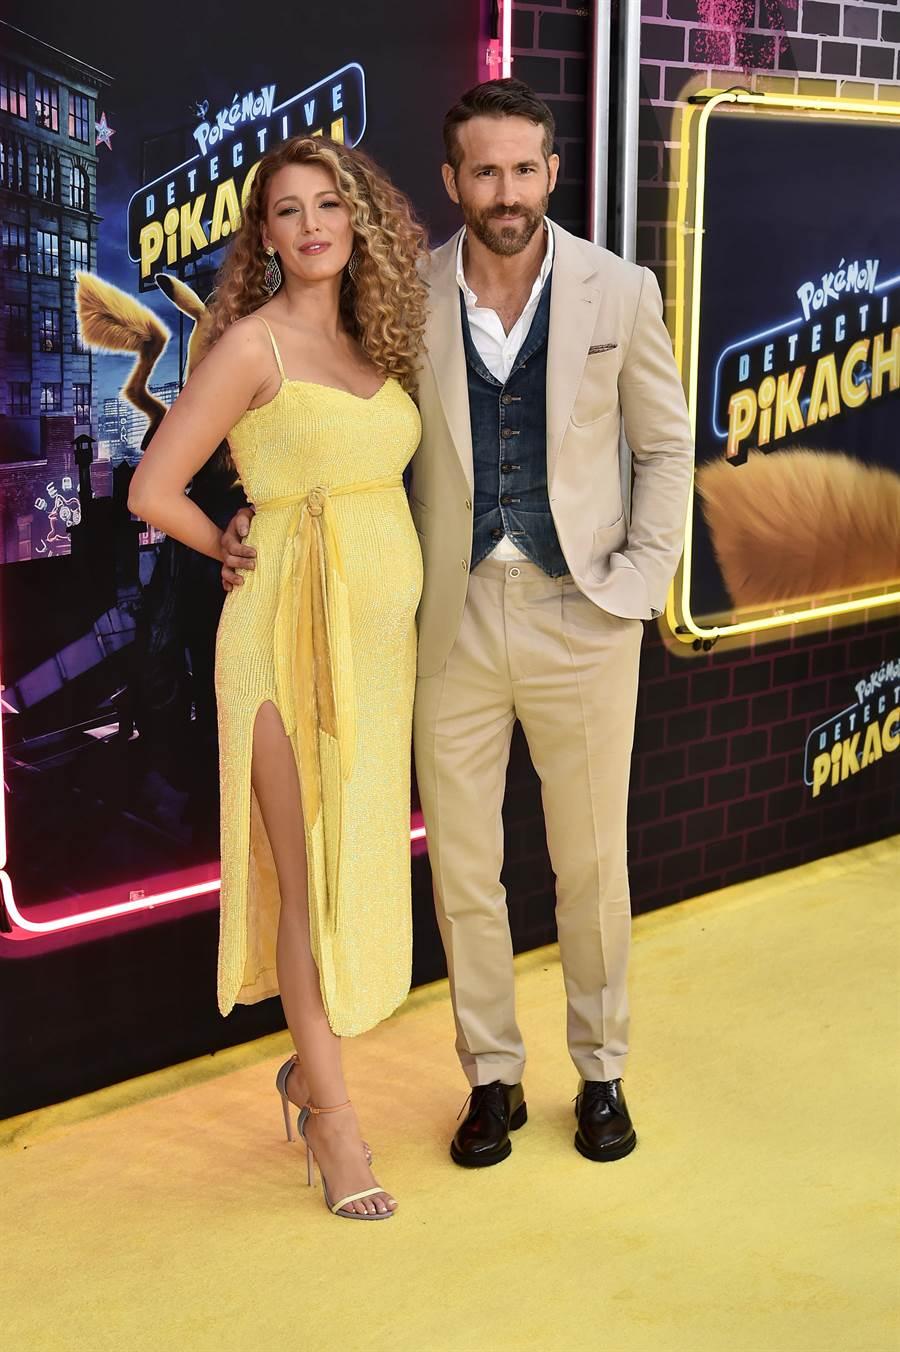 萊恩雷諾斯(右)與老婆布蕾克萊芙莉出席《名偵探皮卡丘》洛城首映,萊恩穿BRUNELLO CUCINELLI米色西裝內搭白襯衫、丹寧背心,布蕾克穿Retrofete黃色洋裝帶球上路。(BRUNELLO CUCINELLI提供)